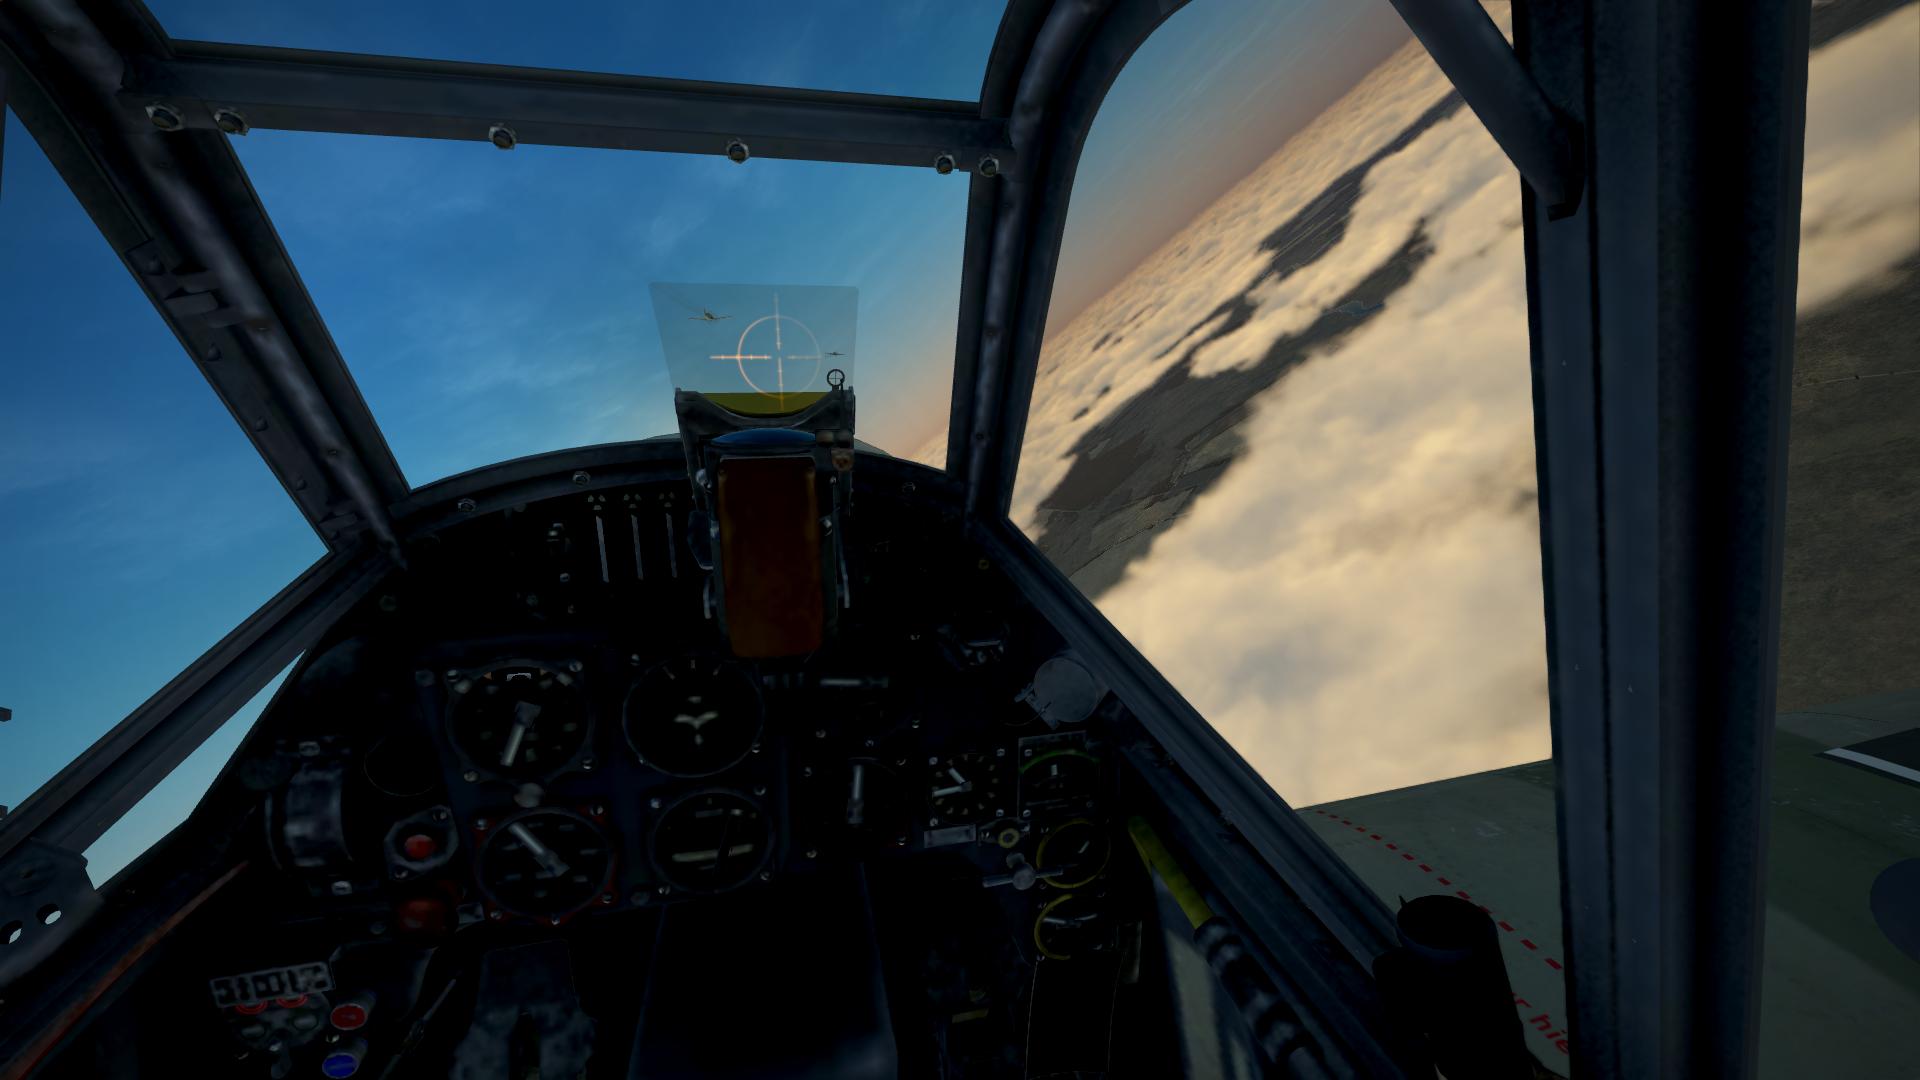 IL-2 Sturmovik Battle of Stalingrad Screenshot 2019.12.24 - 18.44.17.01.png